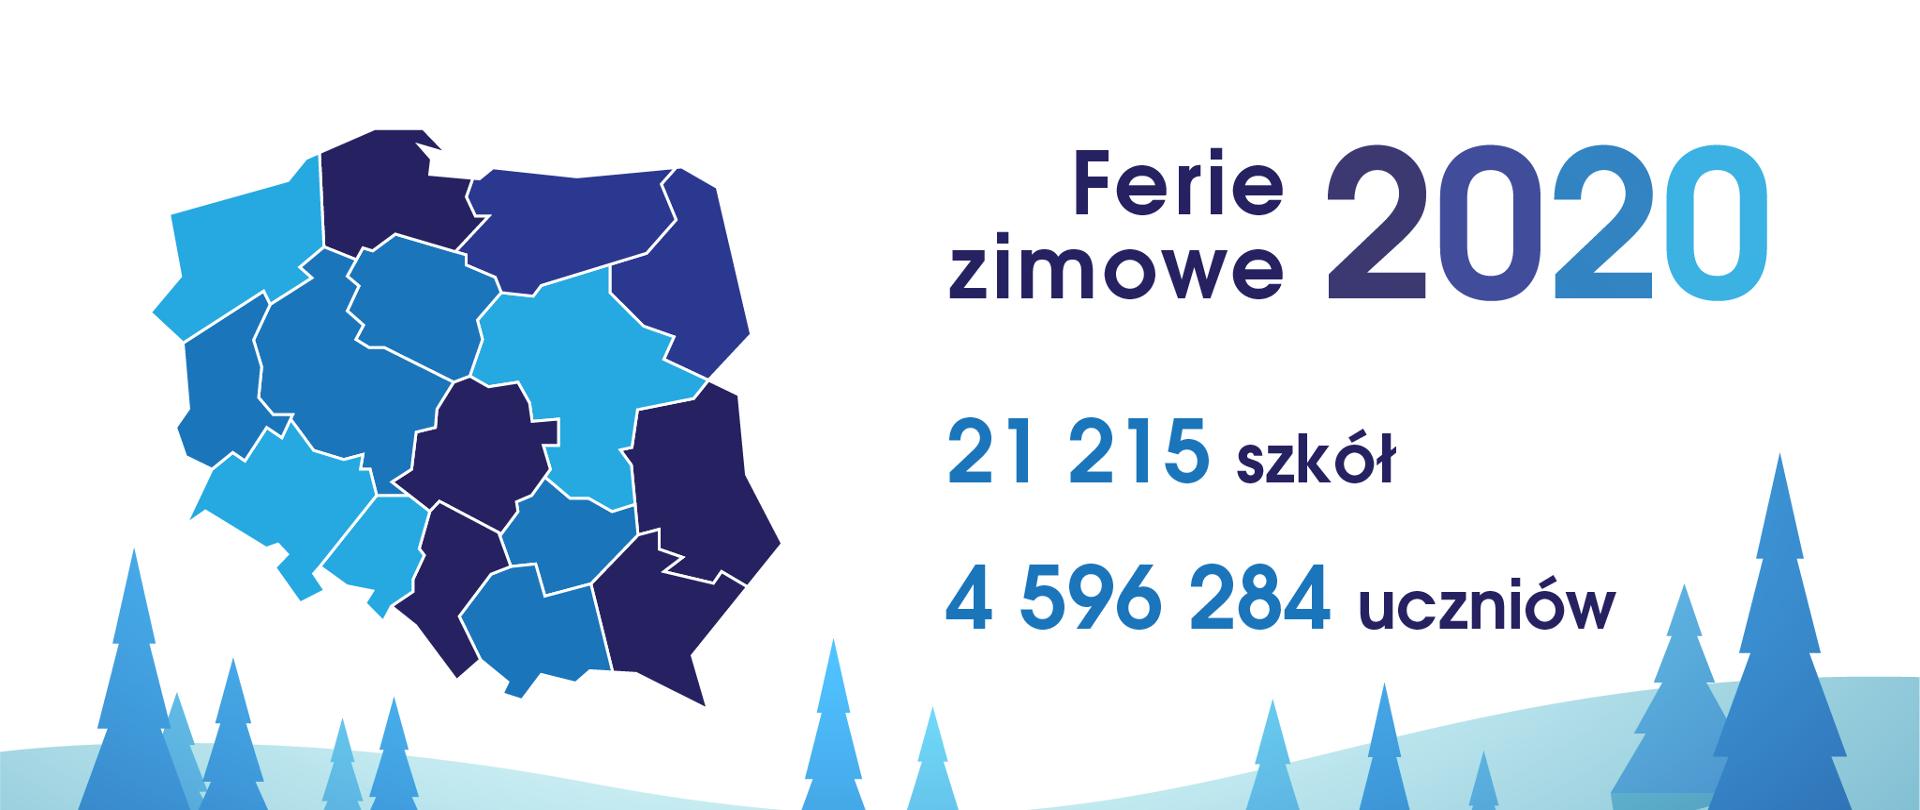 Grafika przedstawiająca mapę Polski z napisem Ferie 2020.